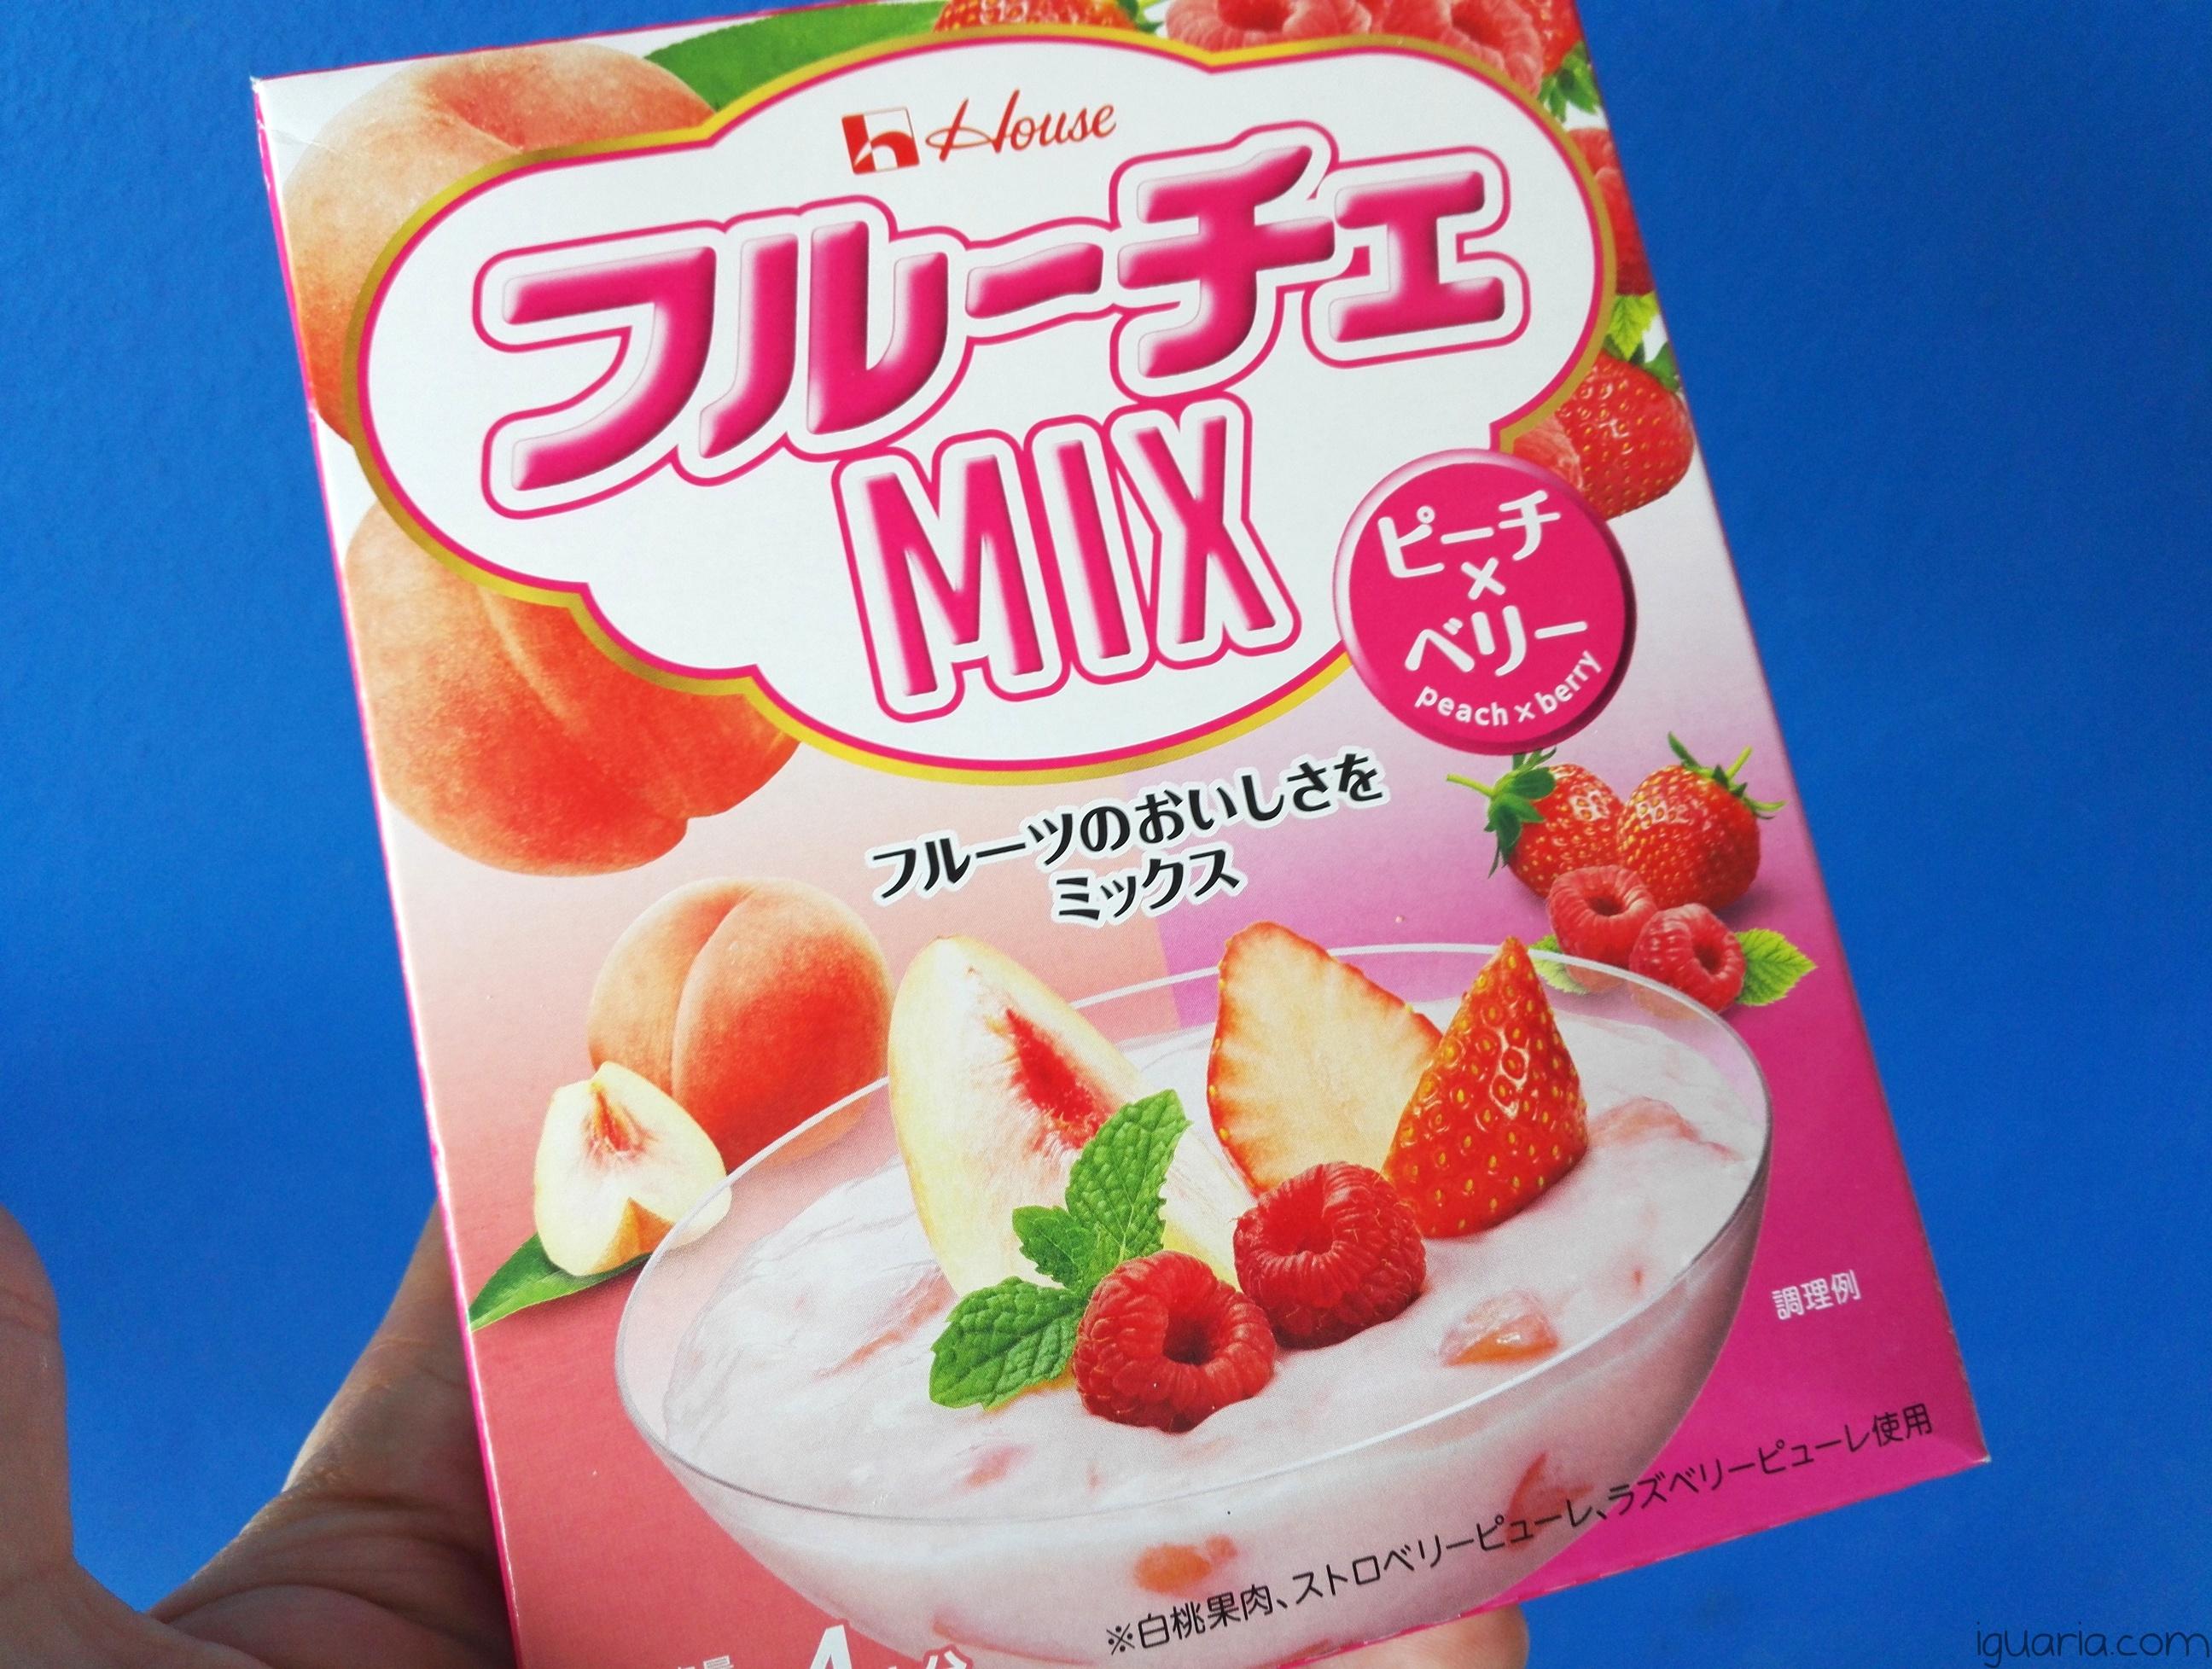 Iguaria_Furuche-Mix-Peach-Berry